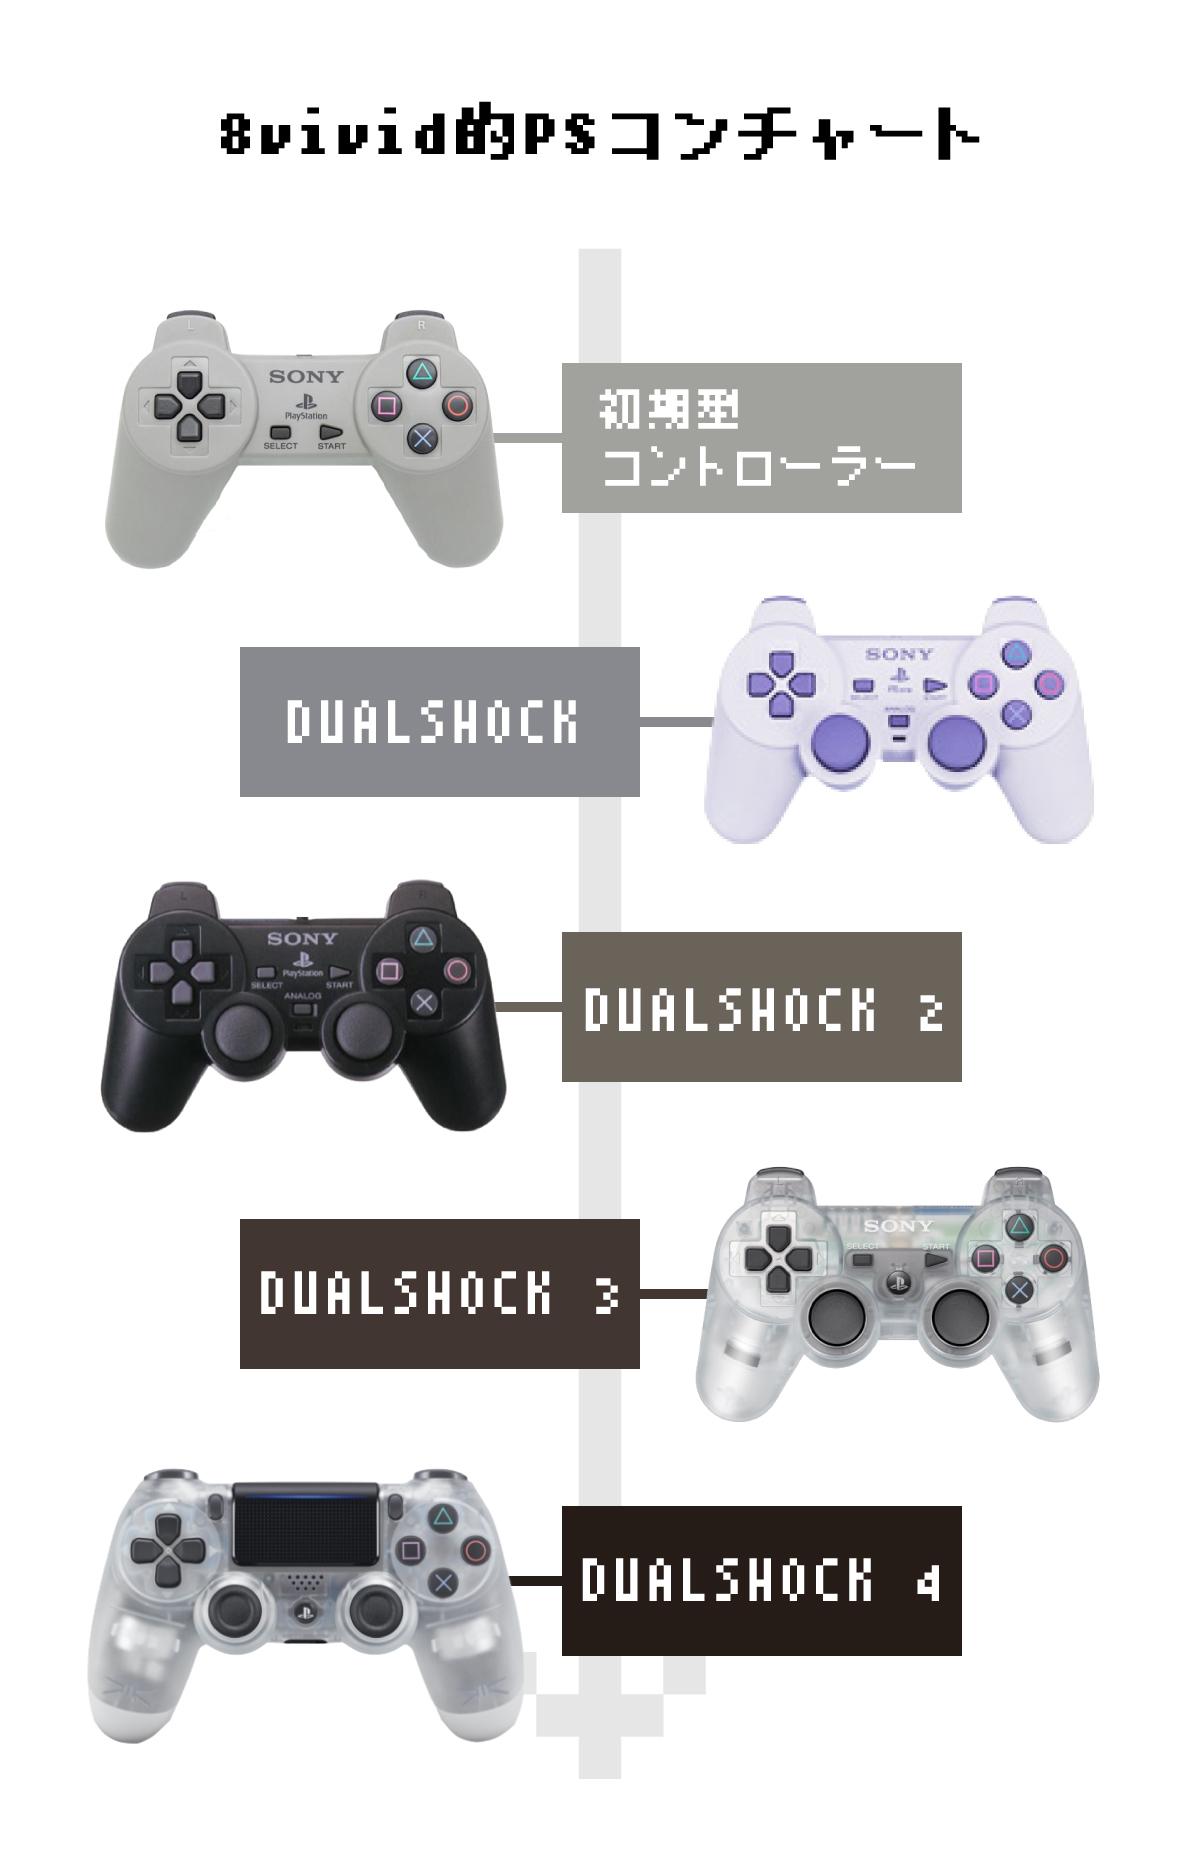 PlayStationコントローラーの進化の歩み。